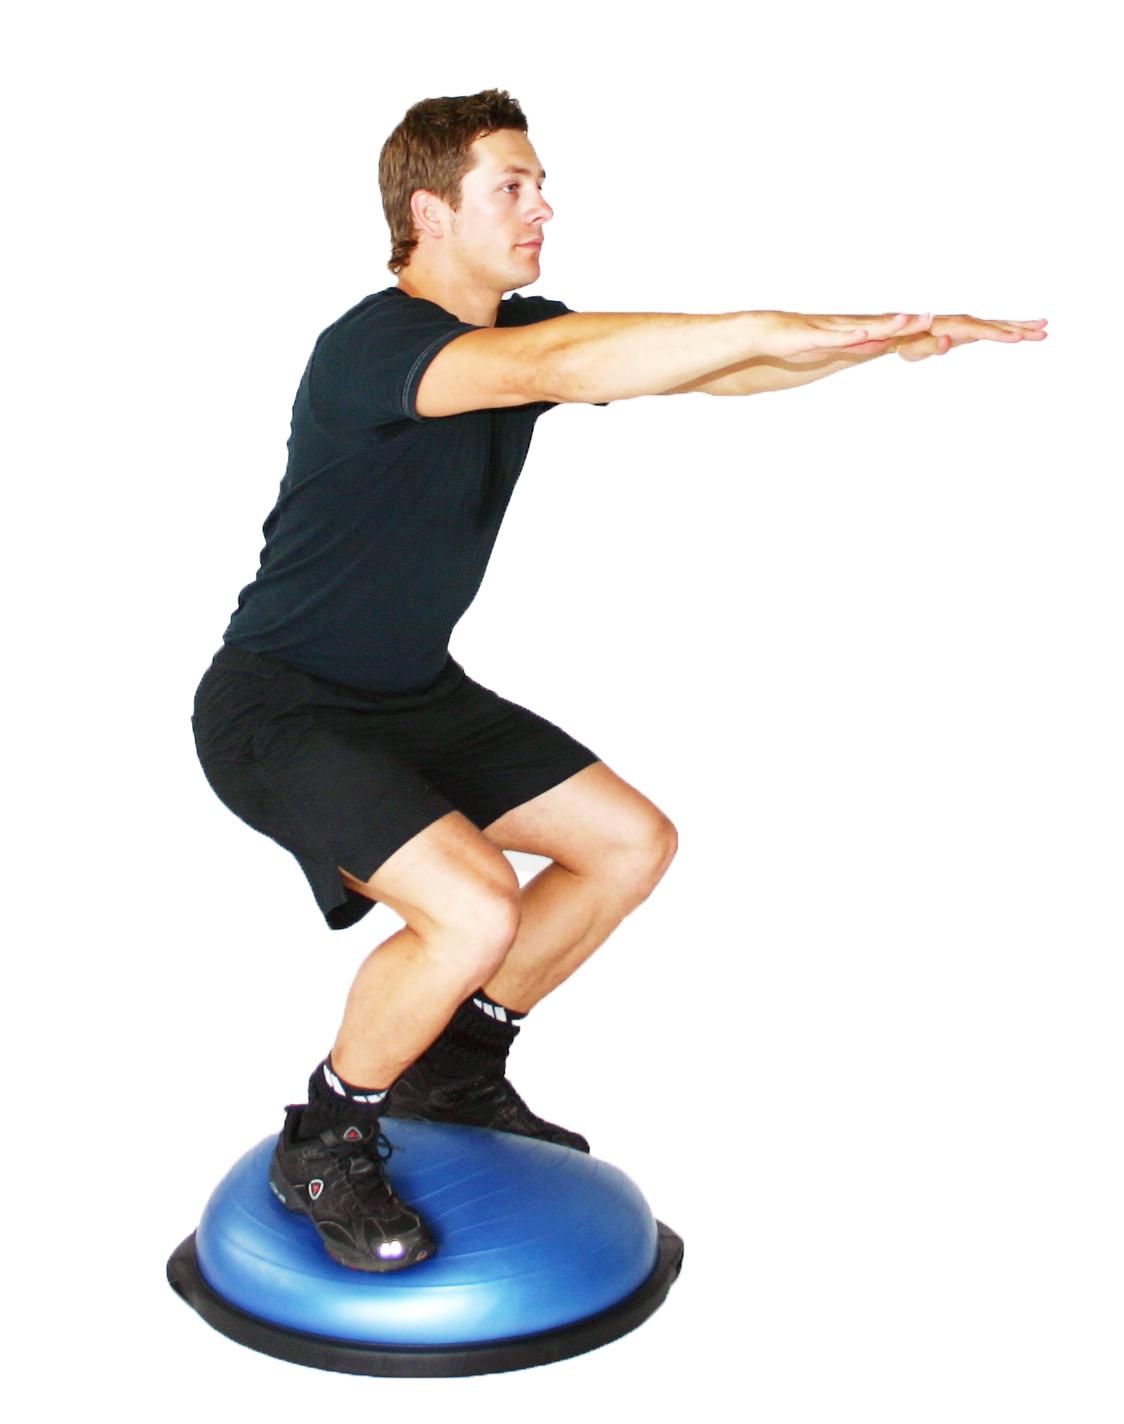 BOth Sides Up træning benbøjning